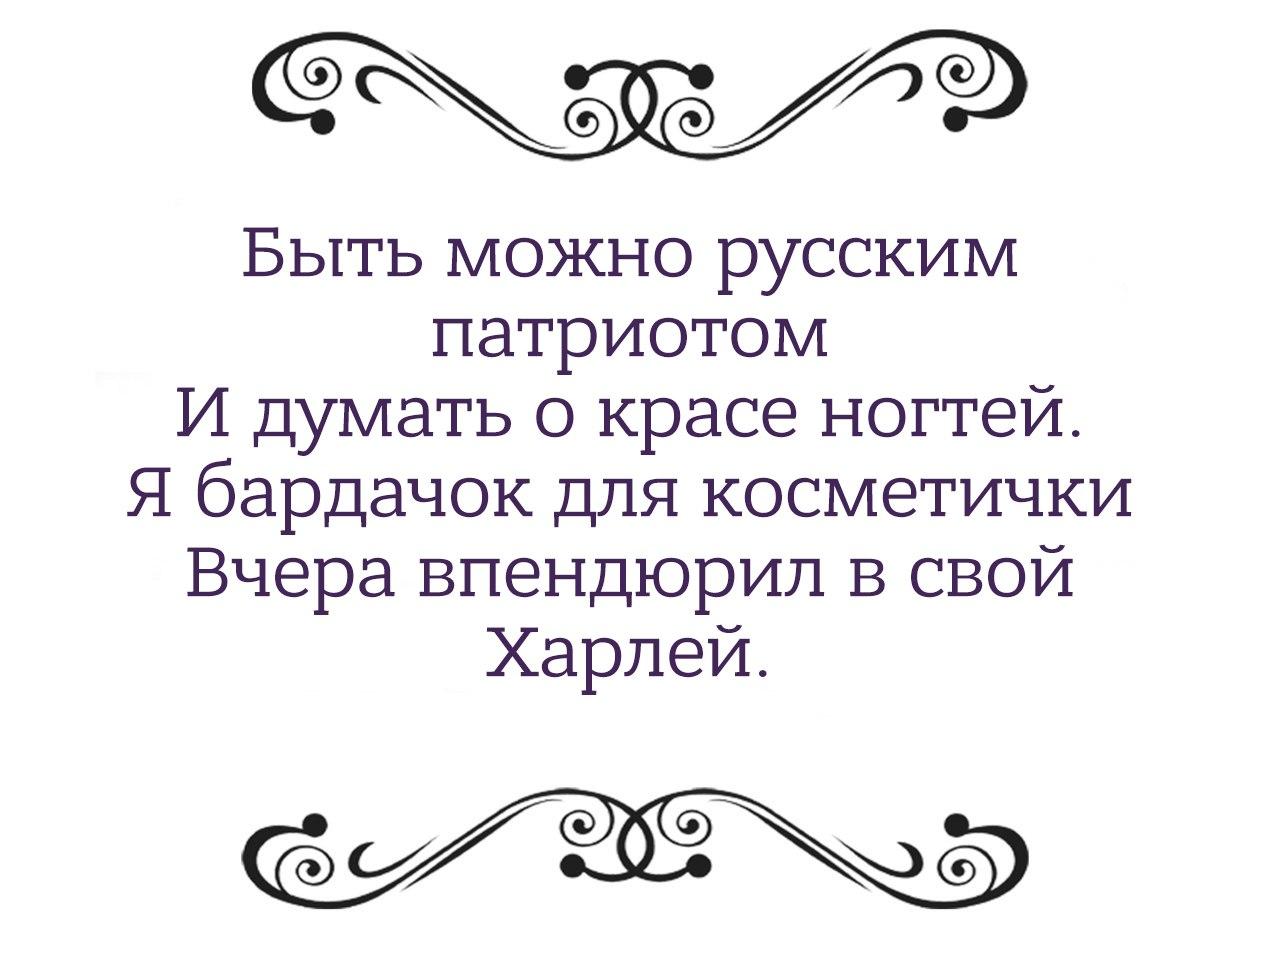 https://pp.vk.me/c543106/v543106563/43d1/7RspR4MiixQ.jpg